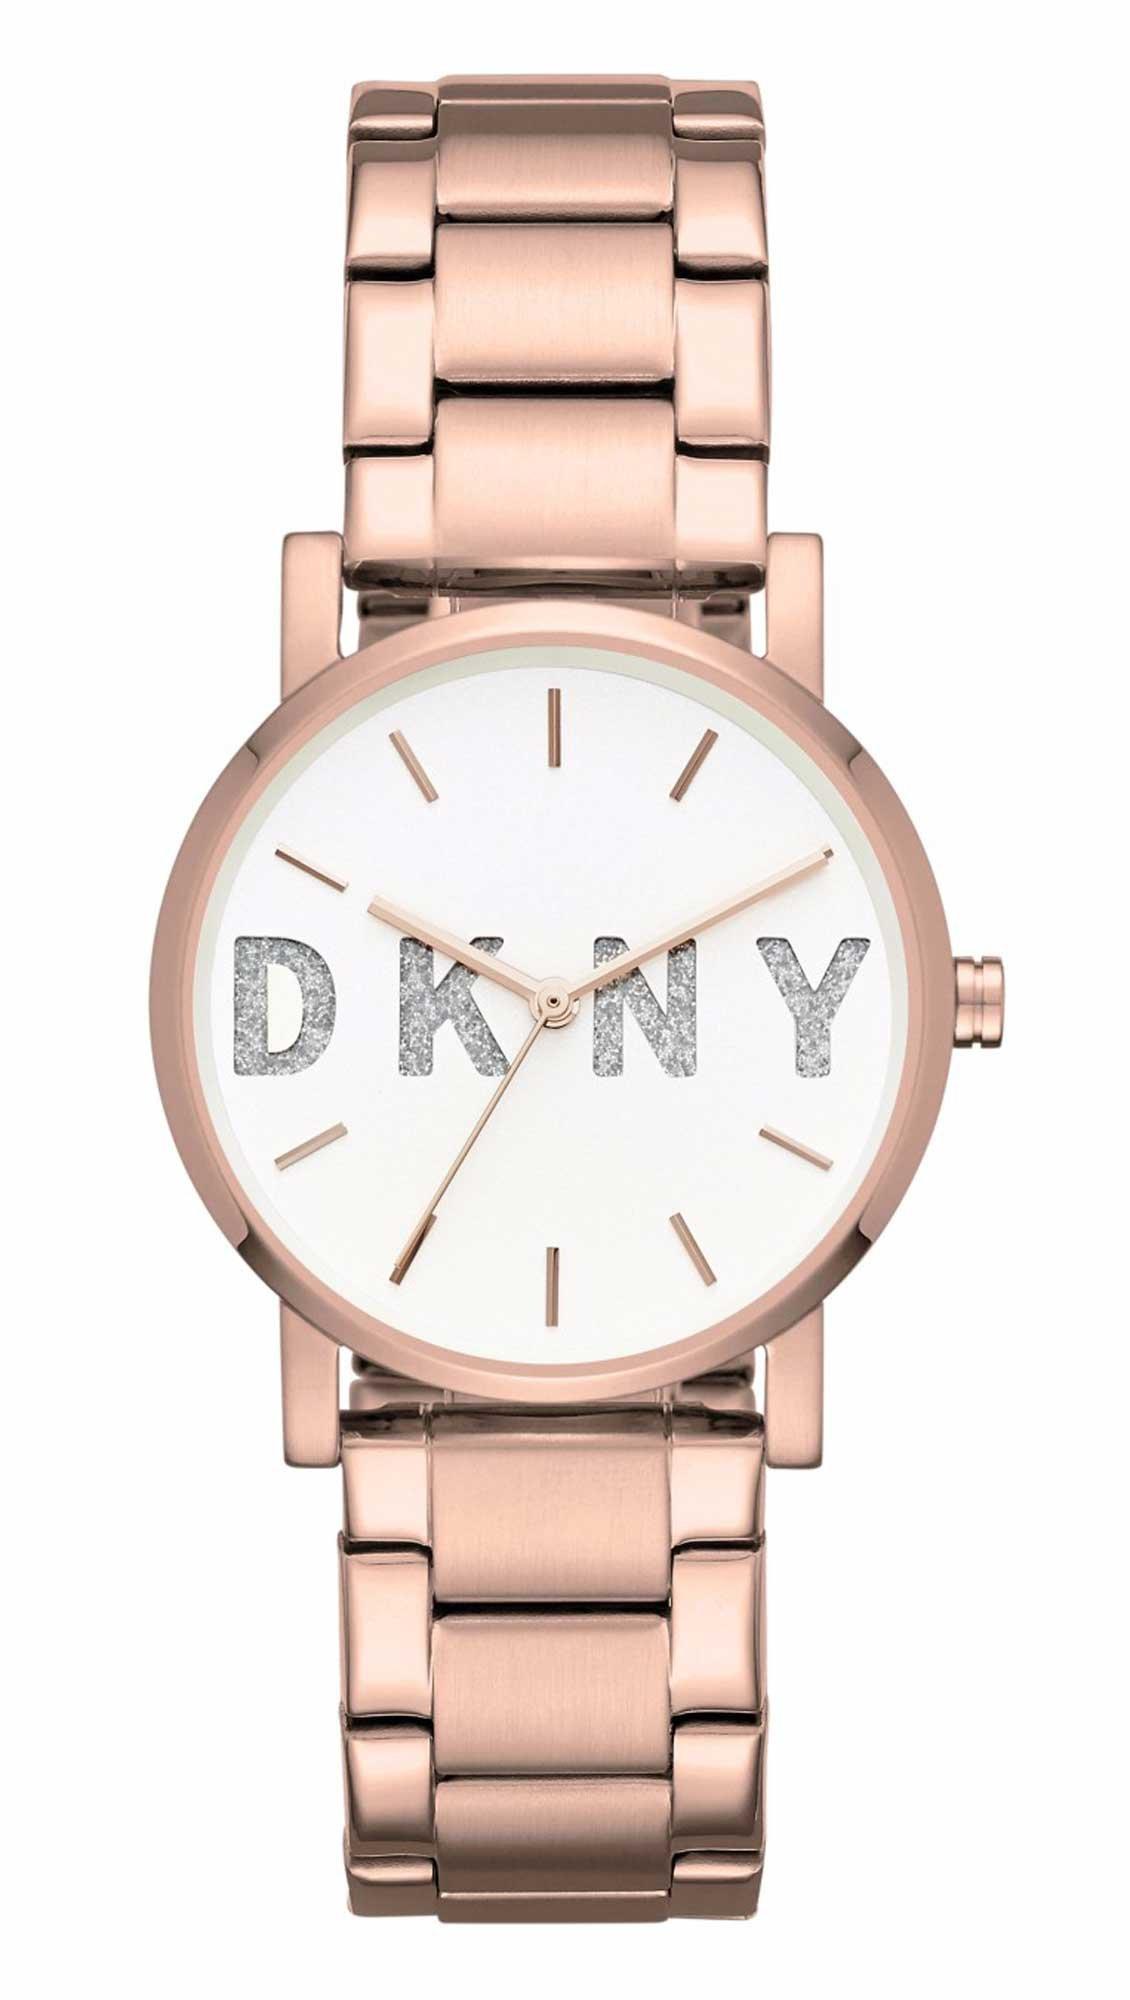 Ρολόι DKNY με ροζ χρυσό μπρασελέ και λευκό καντράν NY2654 - Glami.gr 7eef75ad49a